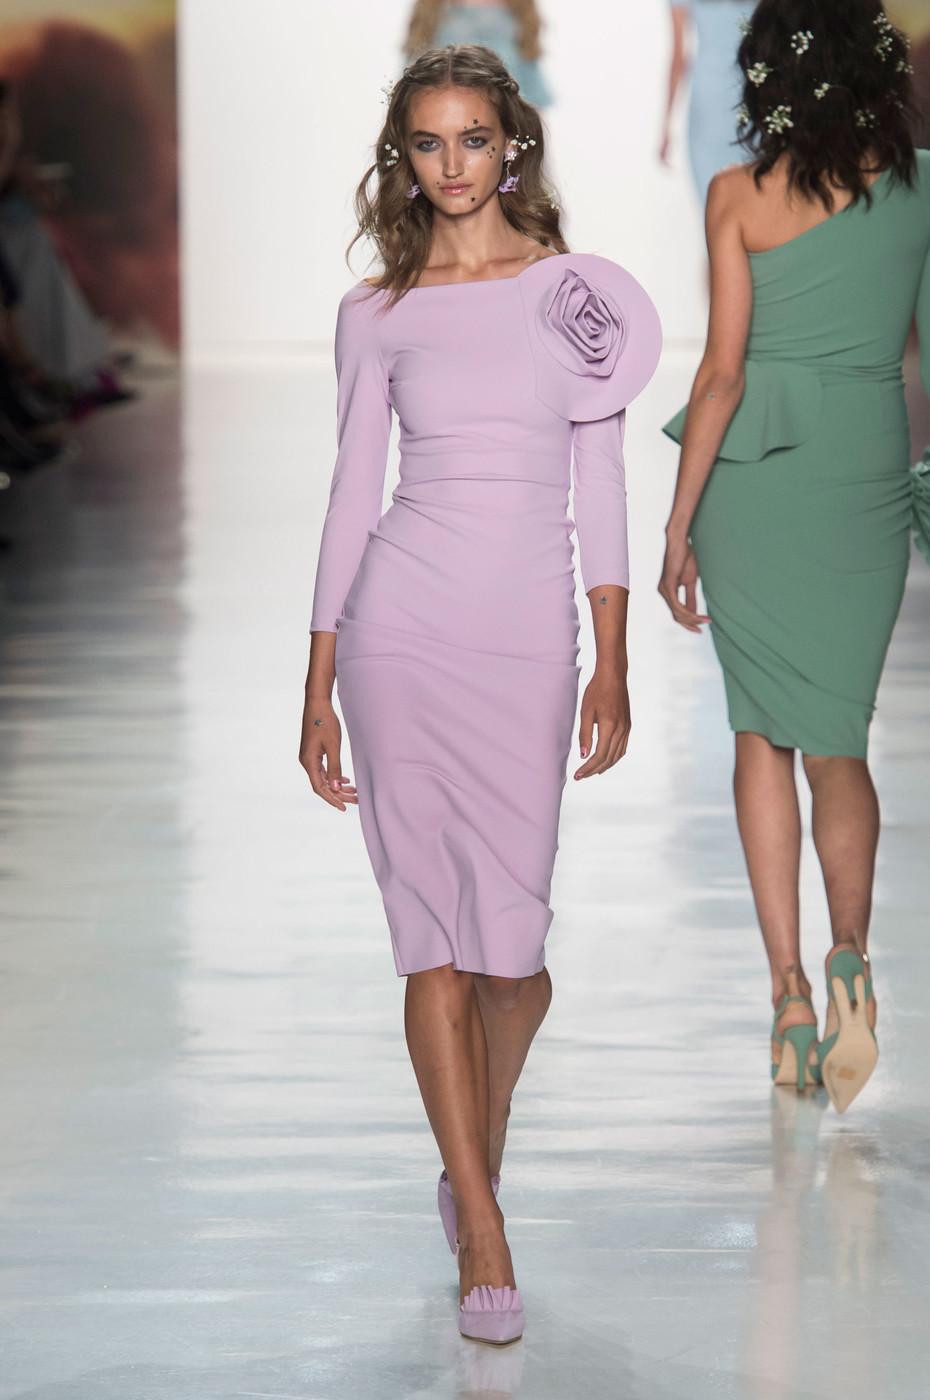 bbe85b2f78bc66 Плаття-футляр 2018: актуальні кольори і модні образи